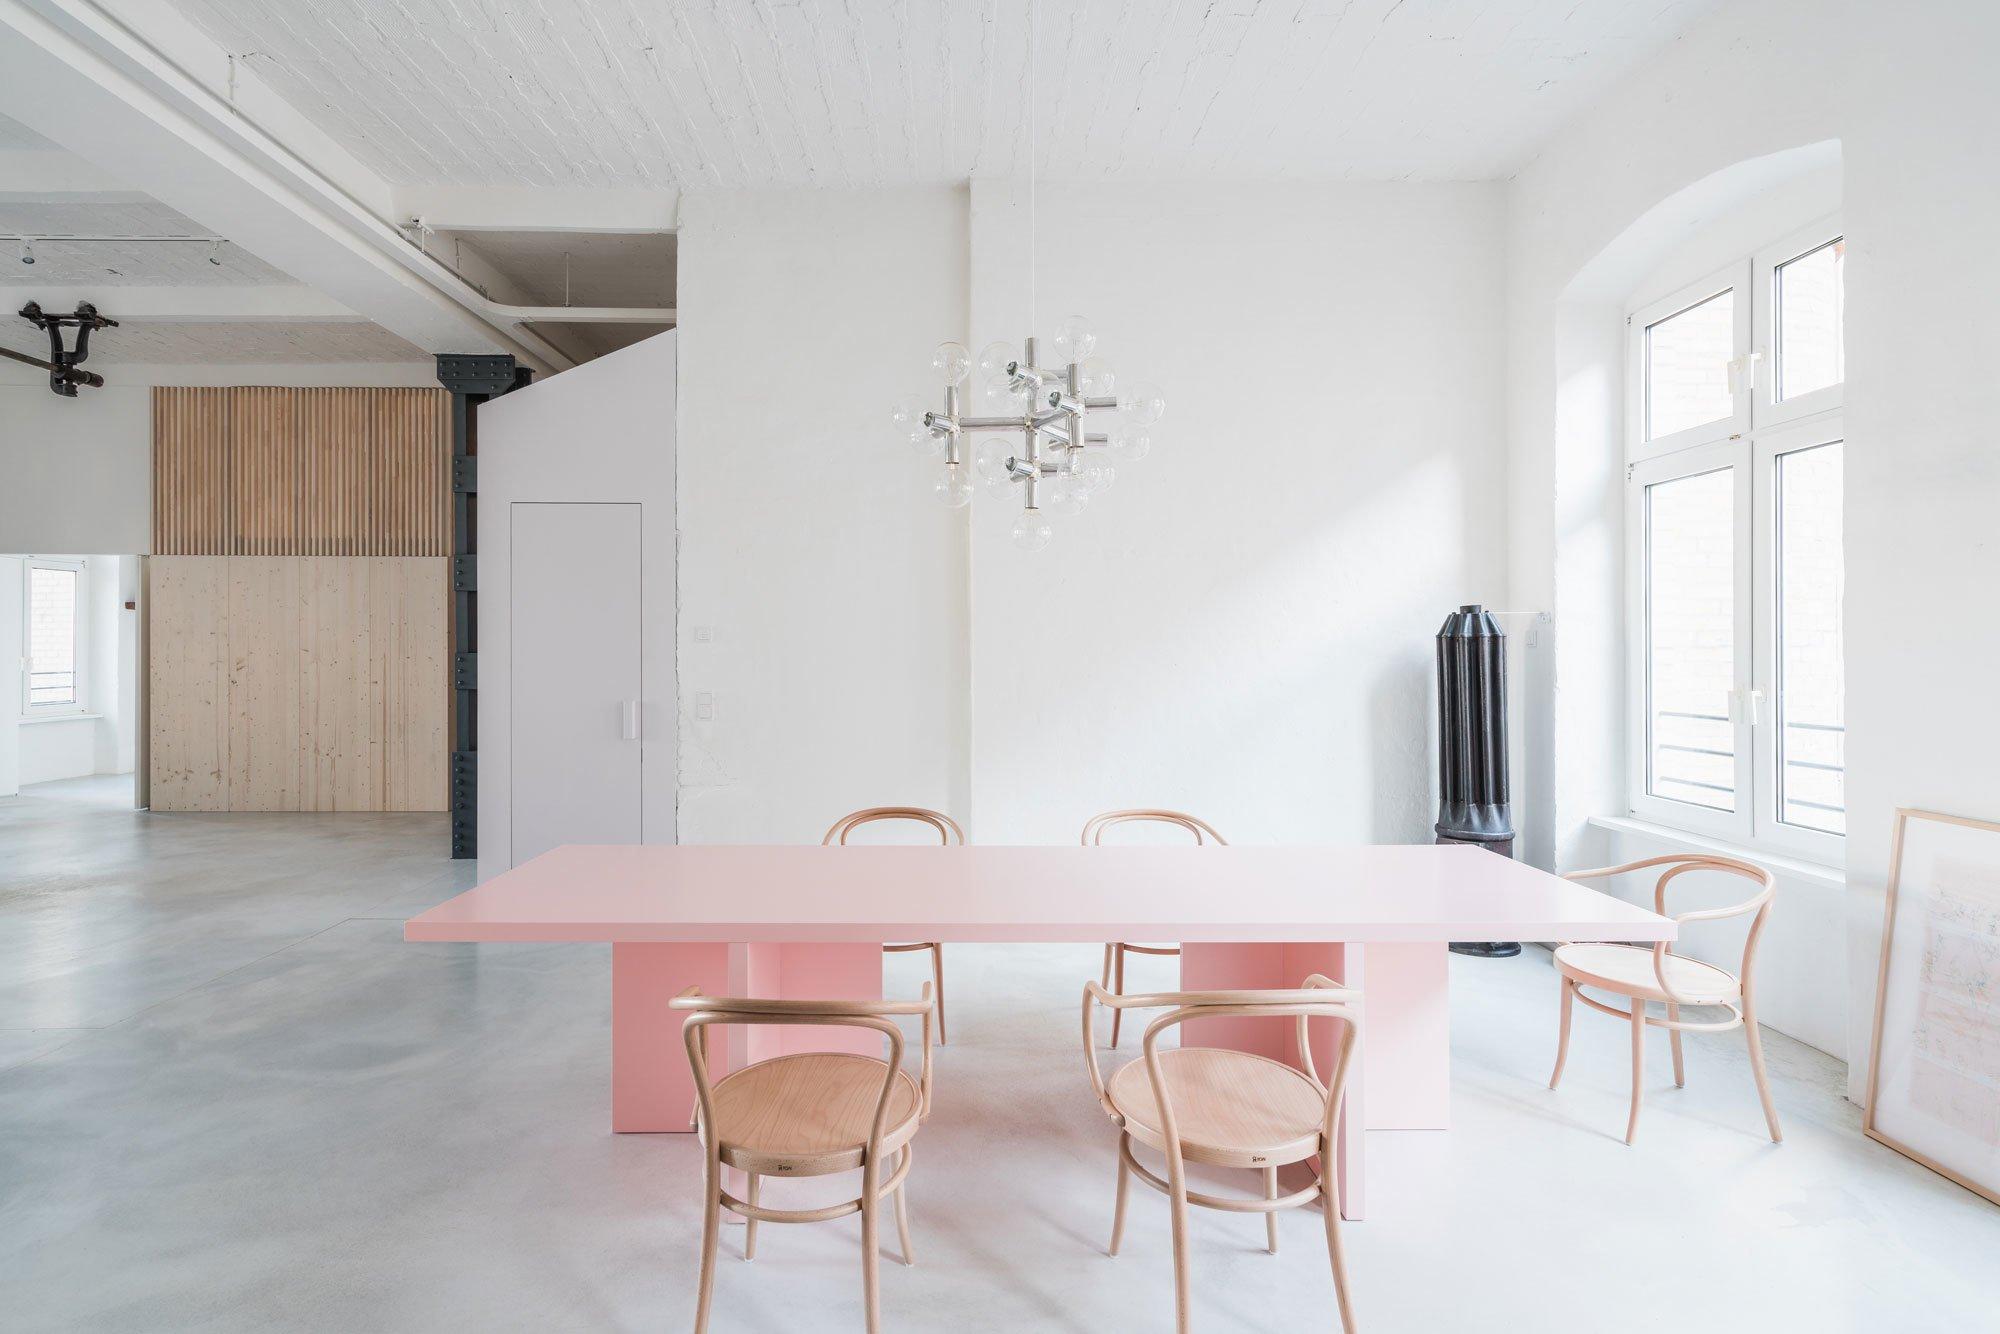 Das Rosa des Esstischs von Bannach ähnelt dem Farbton der Einbauten.